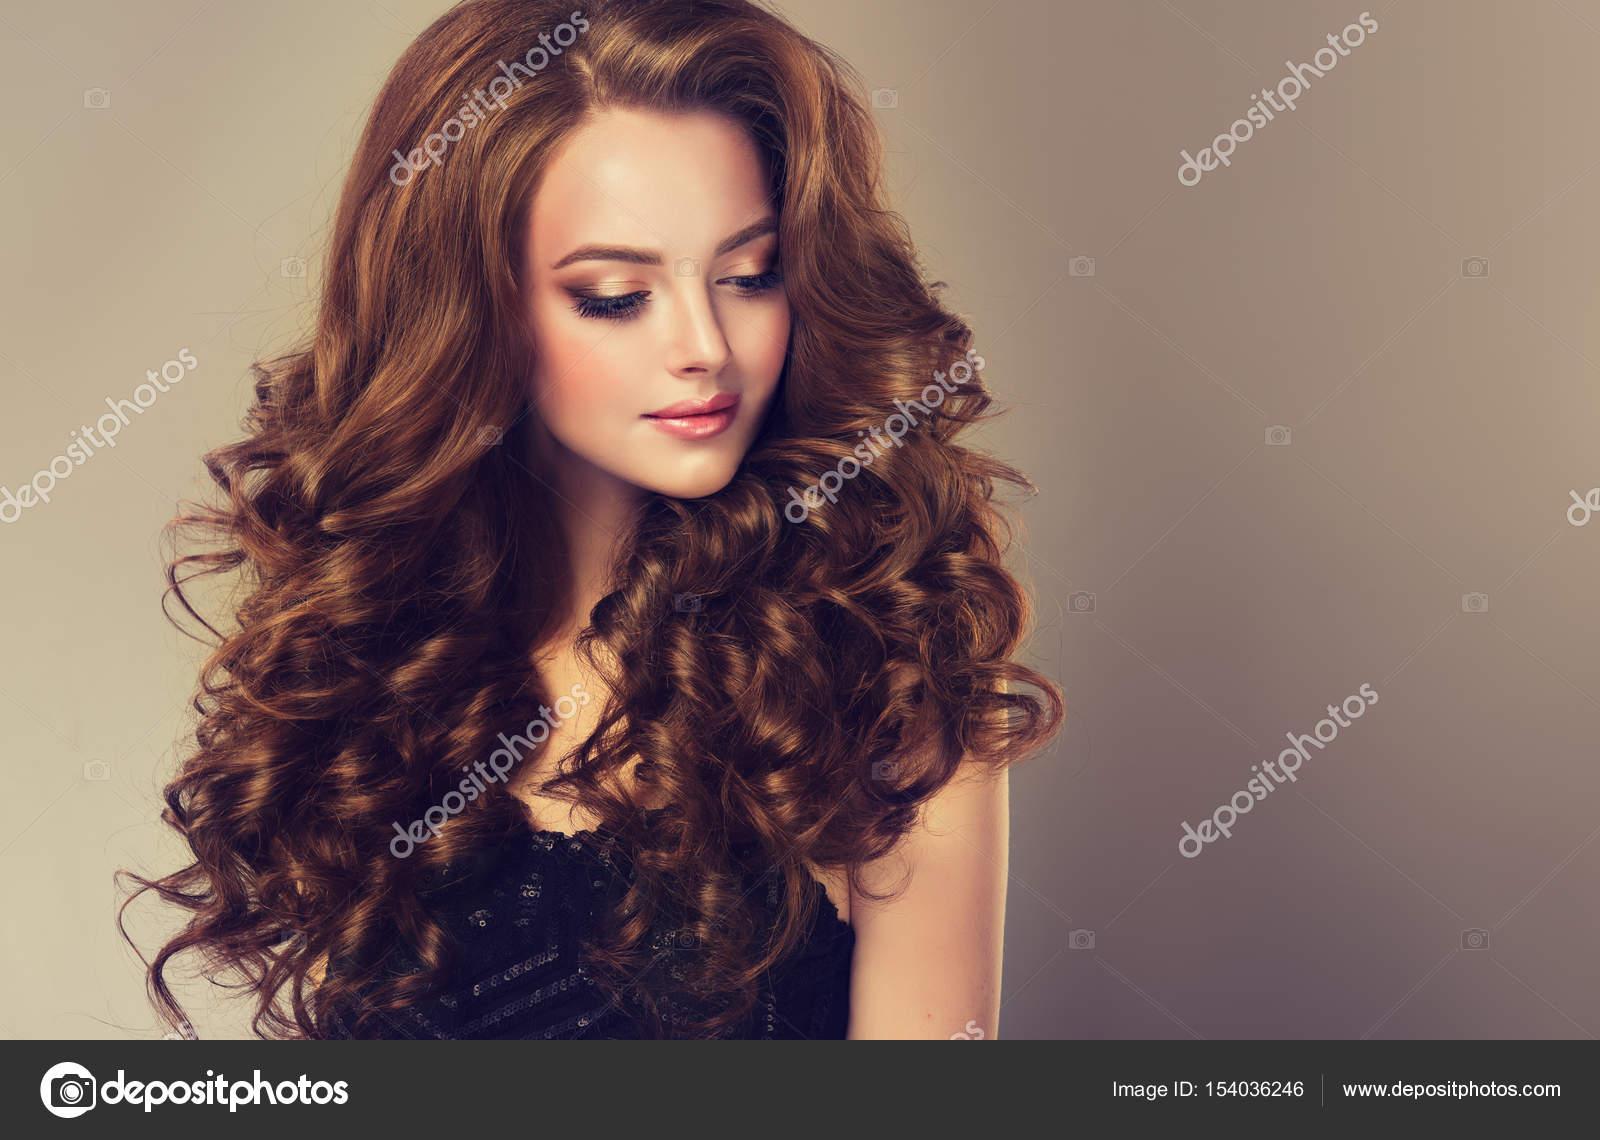 El pelo rizado largo